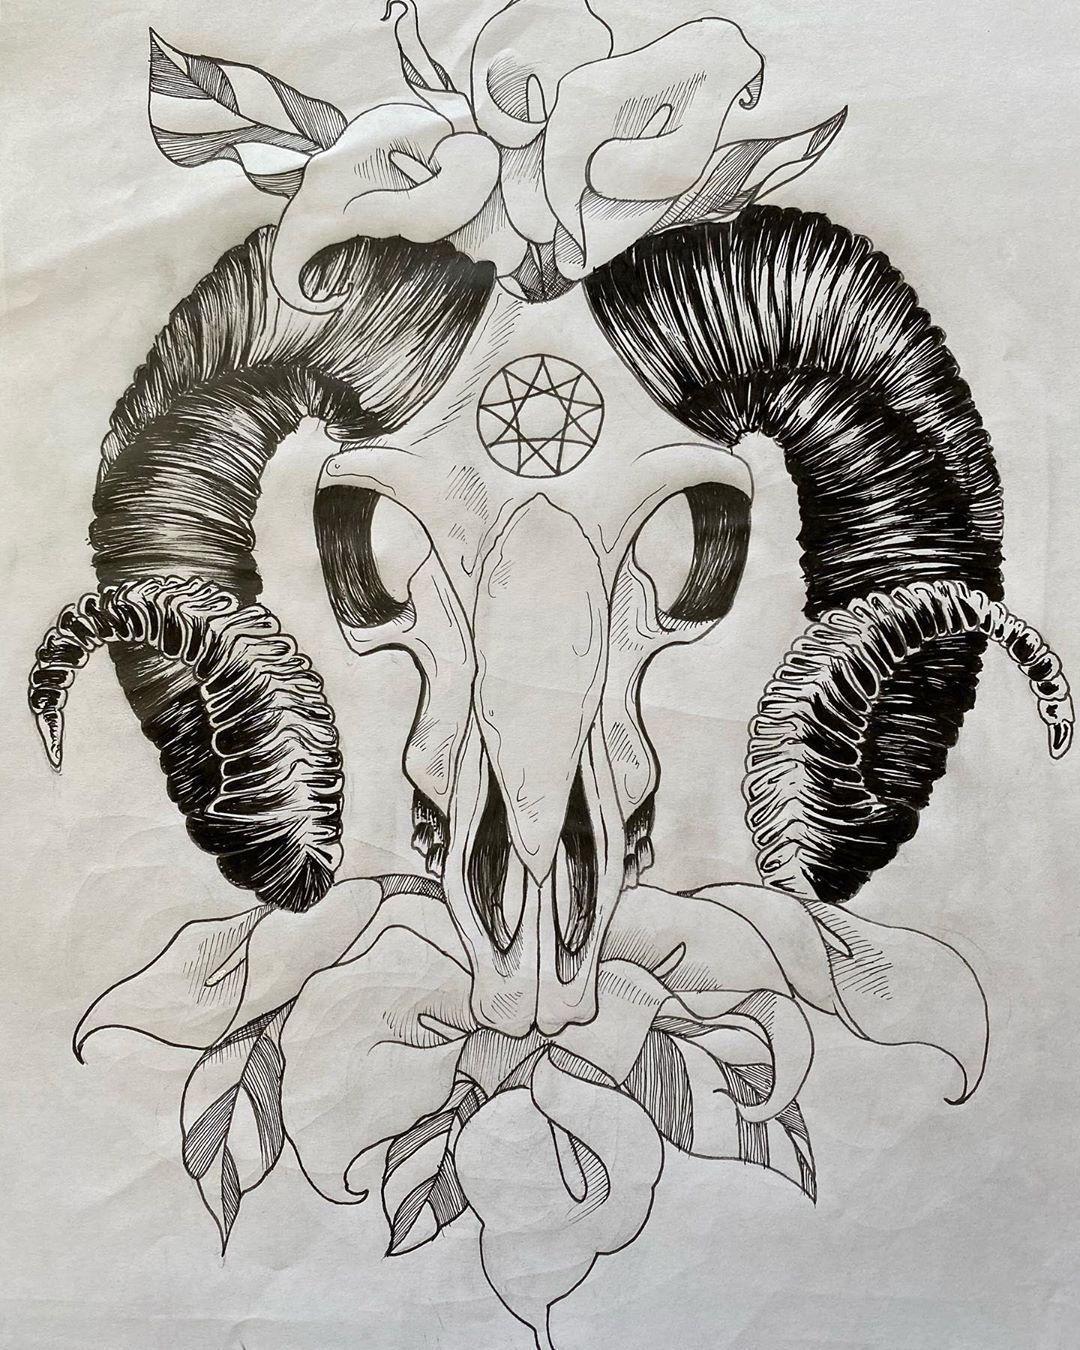 Cool ram skull design for my buddy  #art #artist #artwork #black #blackandwhite #pen #tattoo #tattoos #tattoodesign #illustration #handdrawn #inkdrawing #ink #drawing #ram #skull #ramskull #flowers #callalily